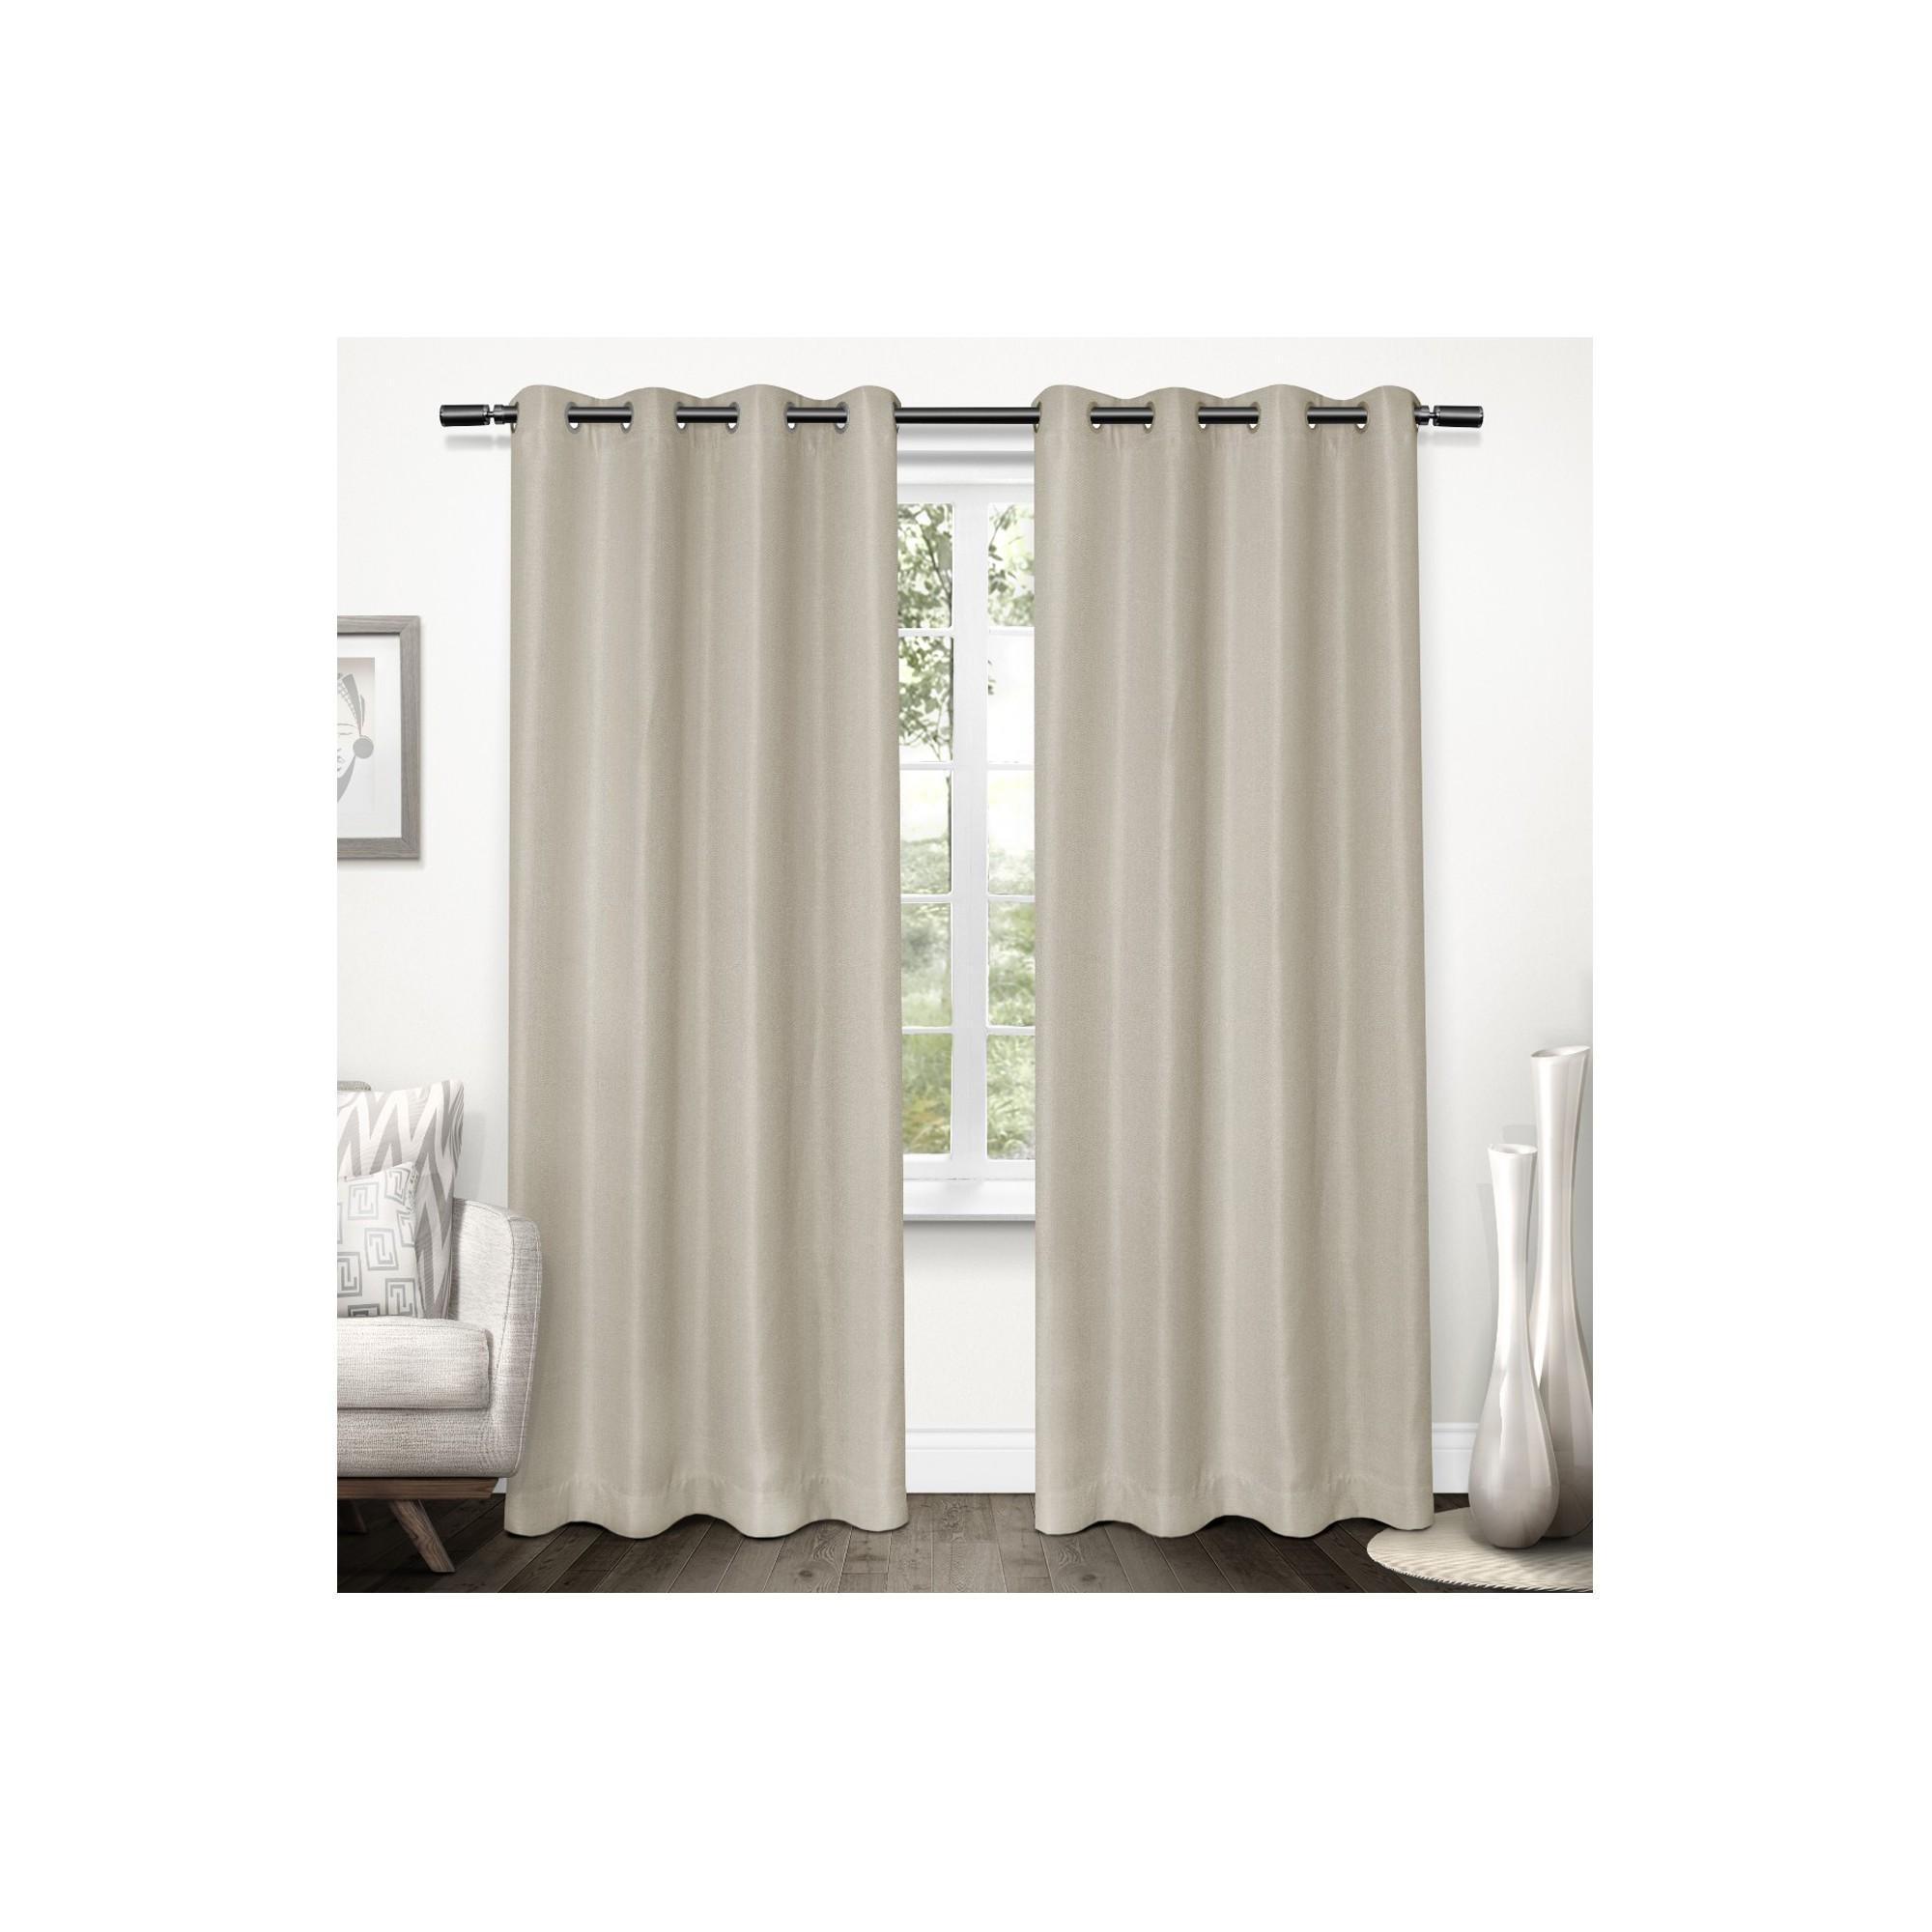 Tweed textured linen woven blackout grommet top window curtain panel